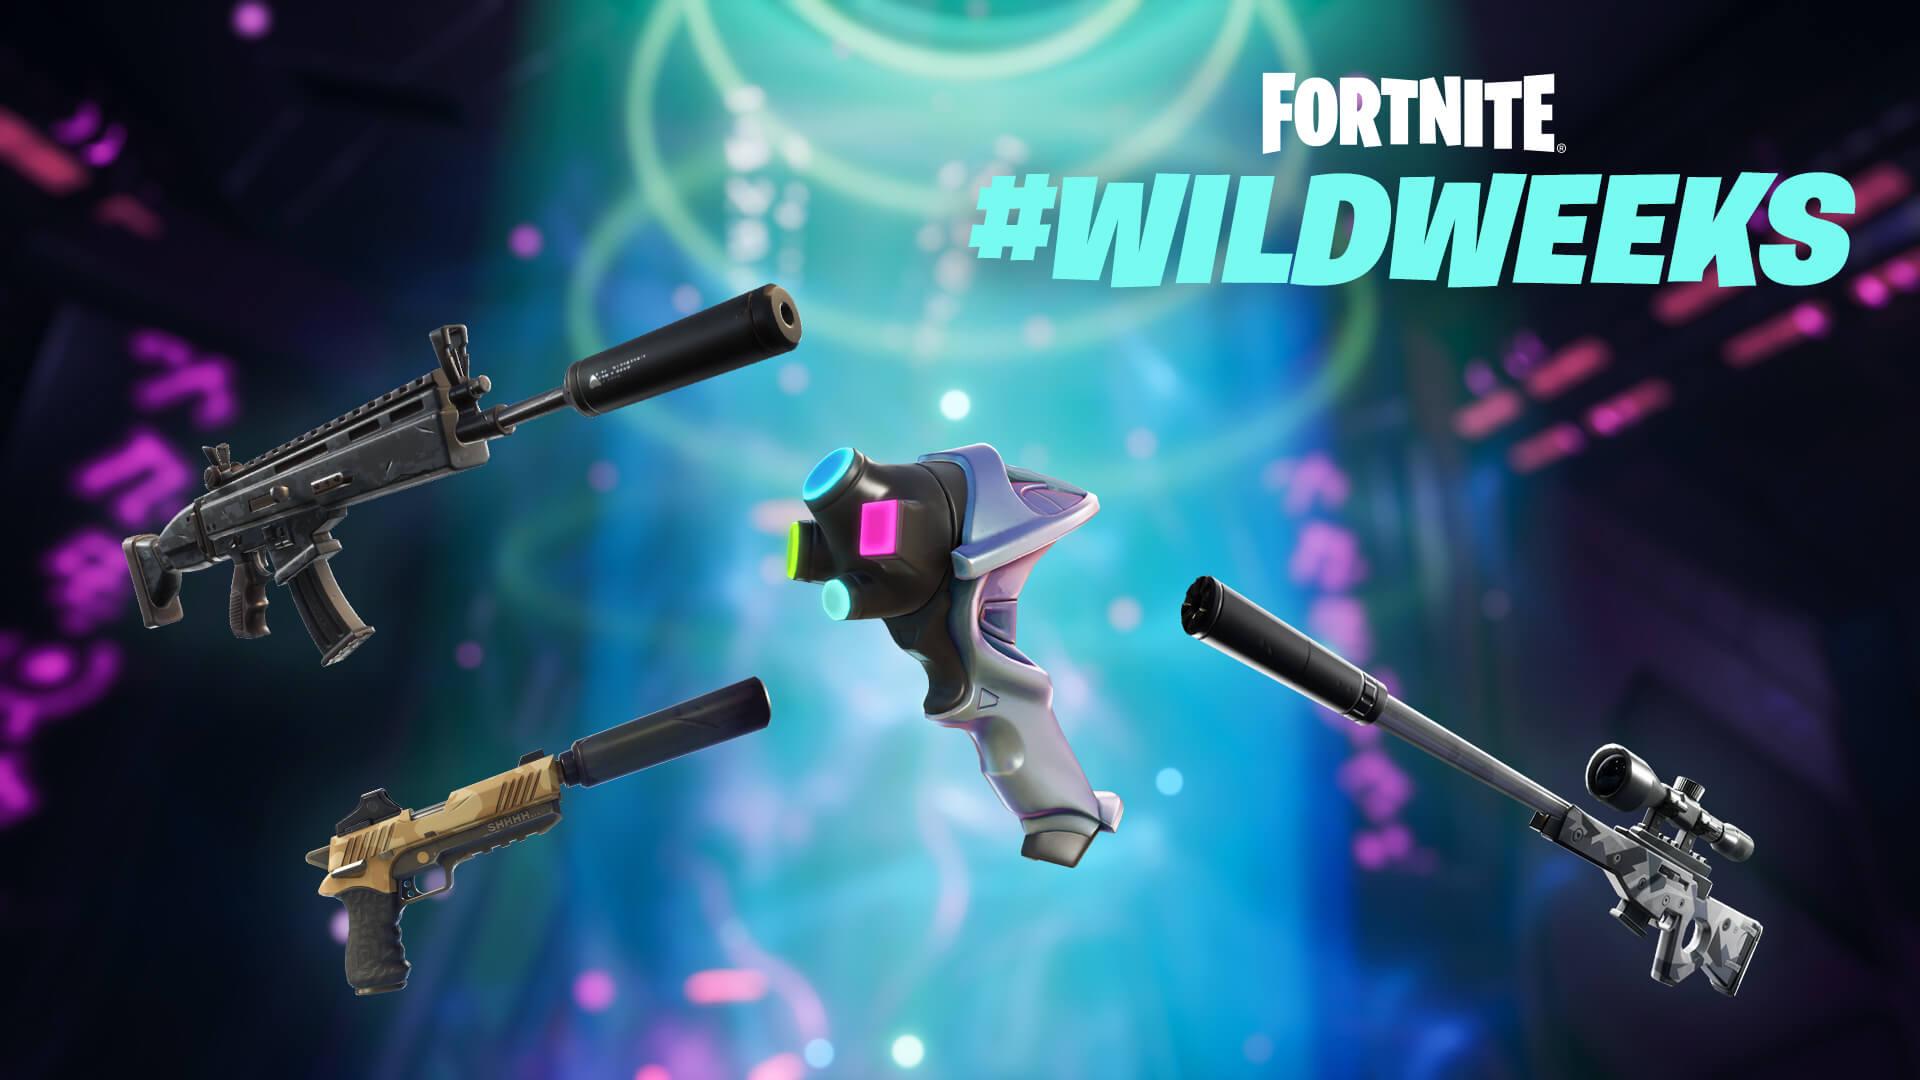 Fortnite Wild Weeks Sneak Week